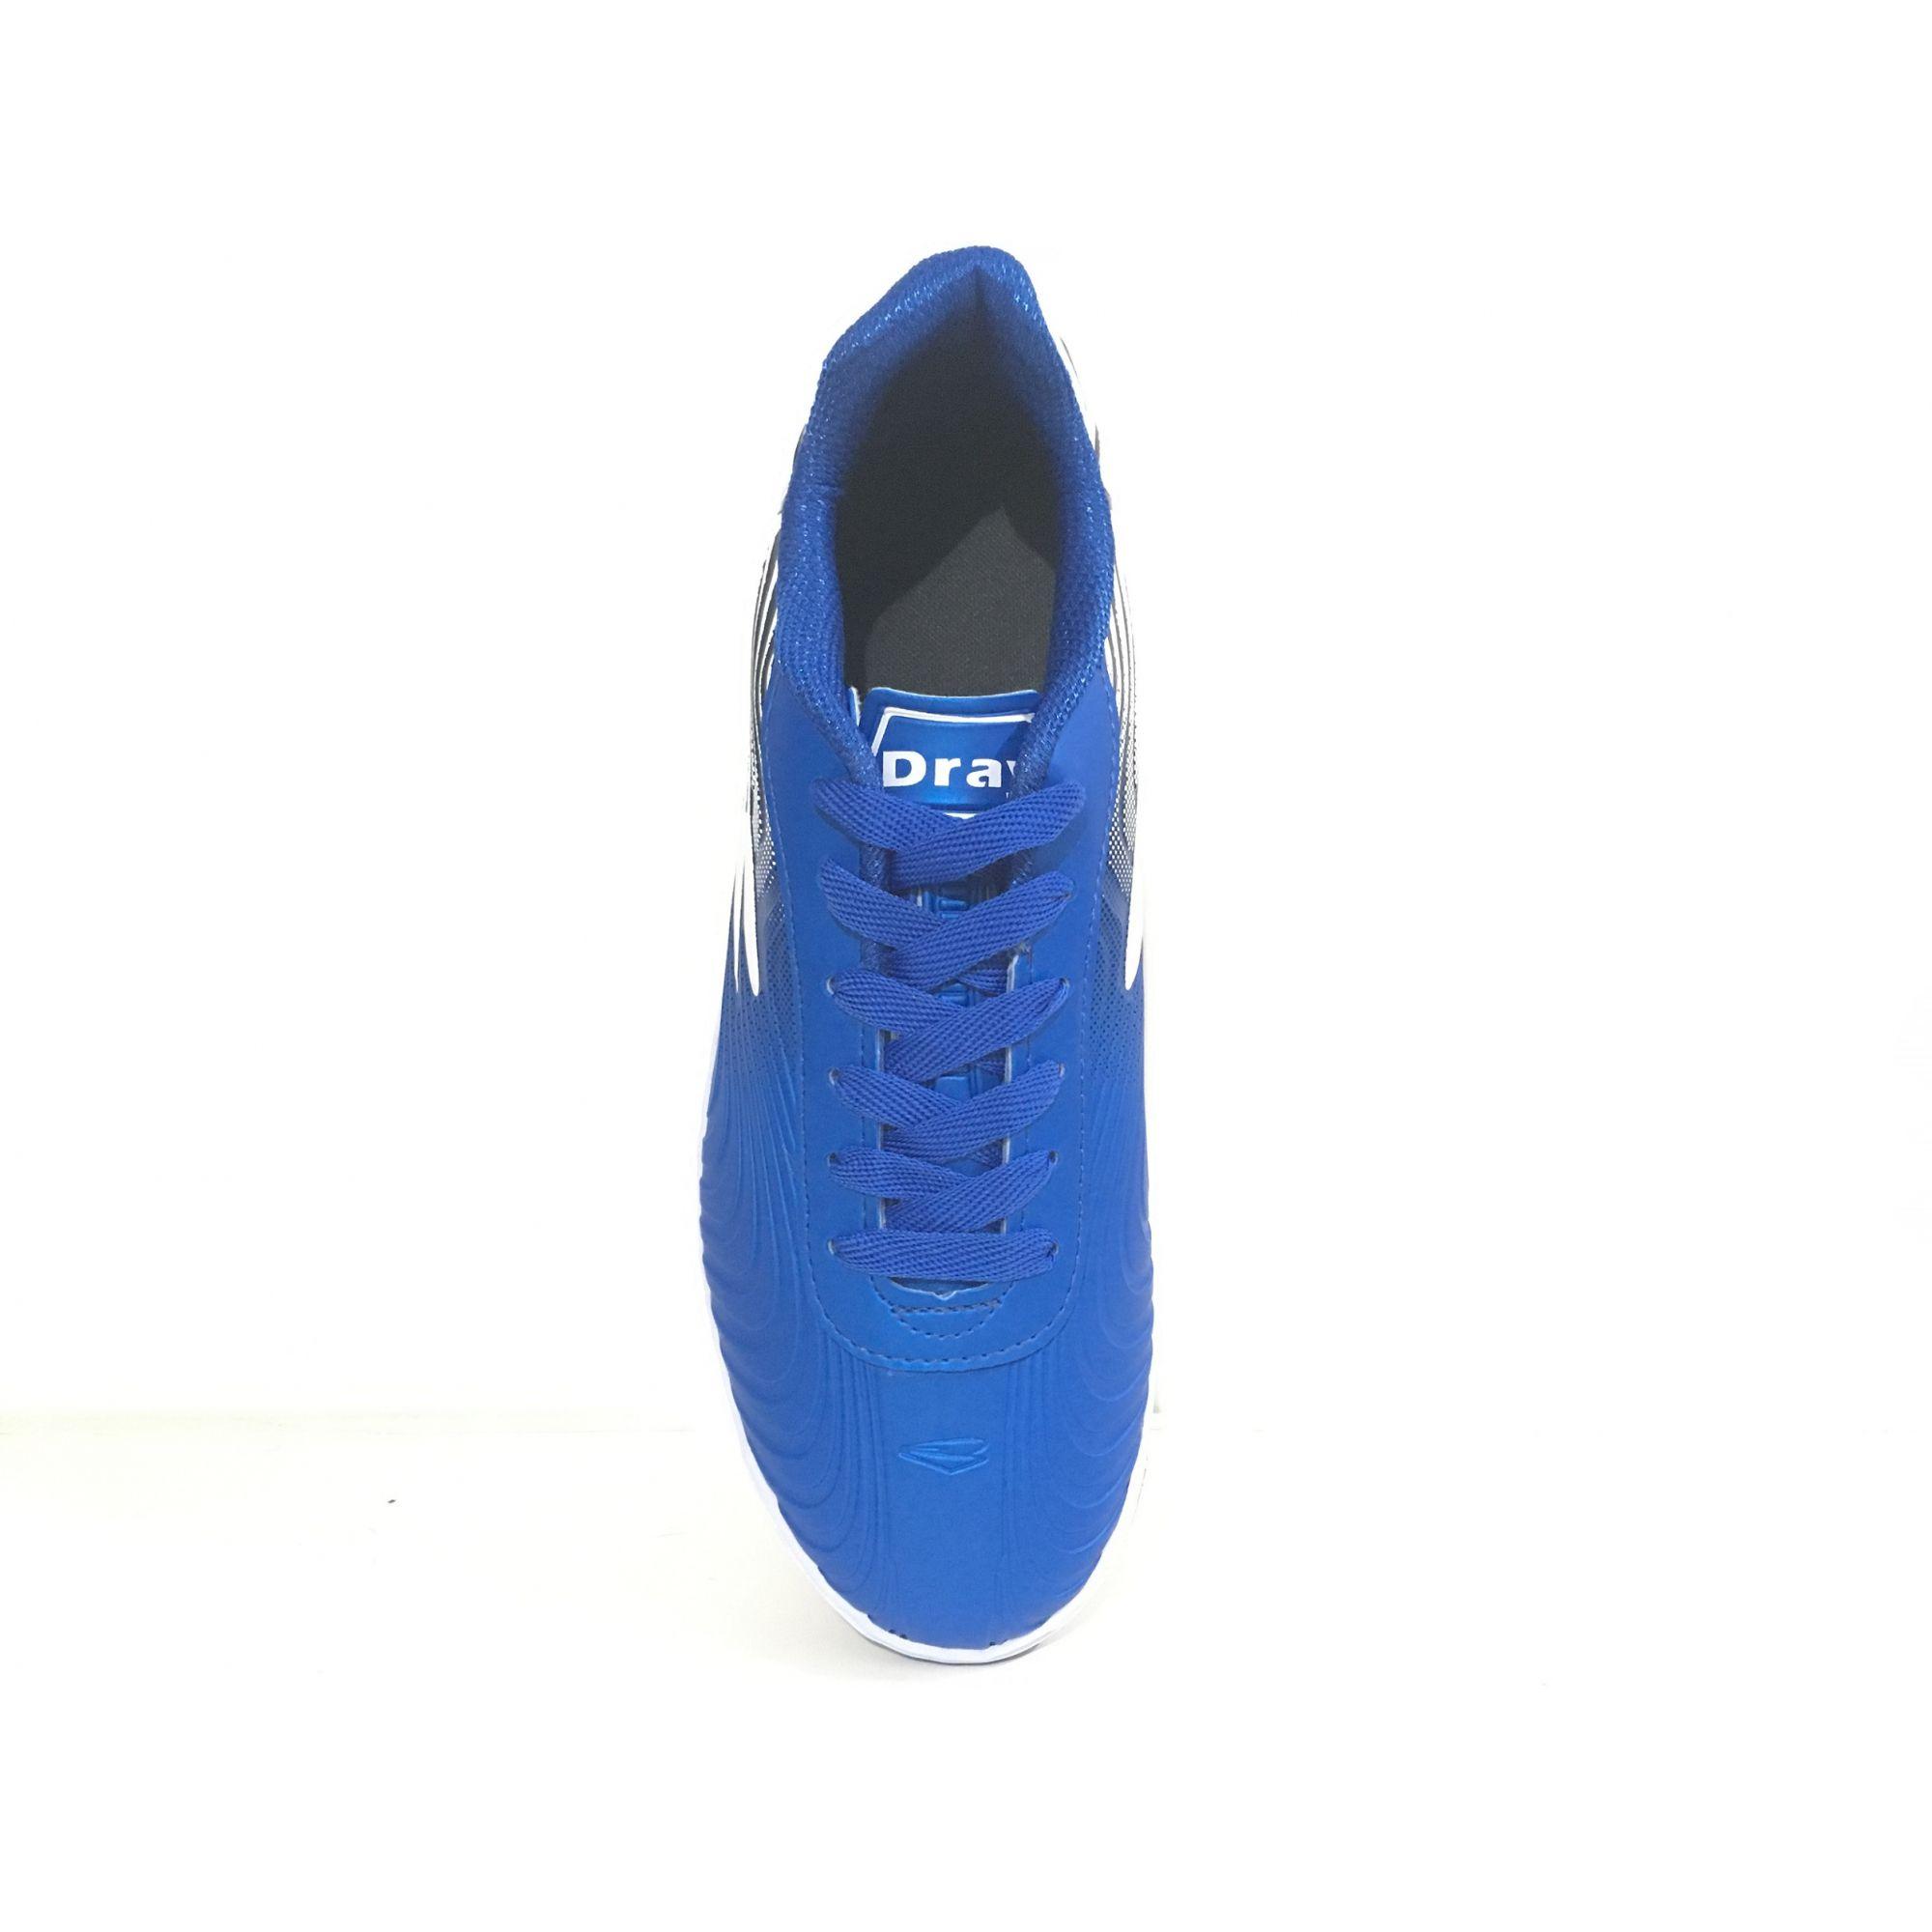 Chuteira Society Dray Topfly X2 Adulto - Azul/Branco